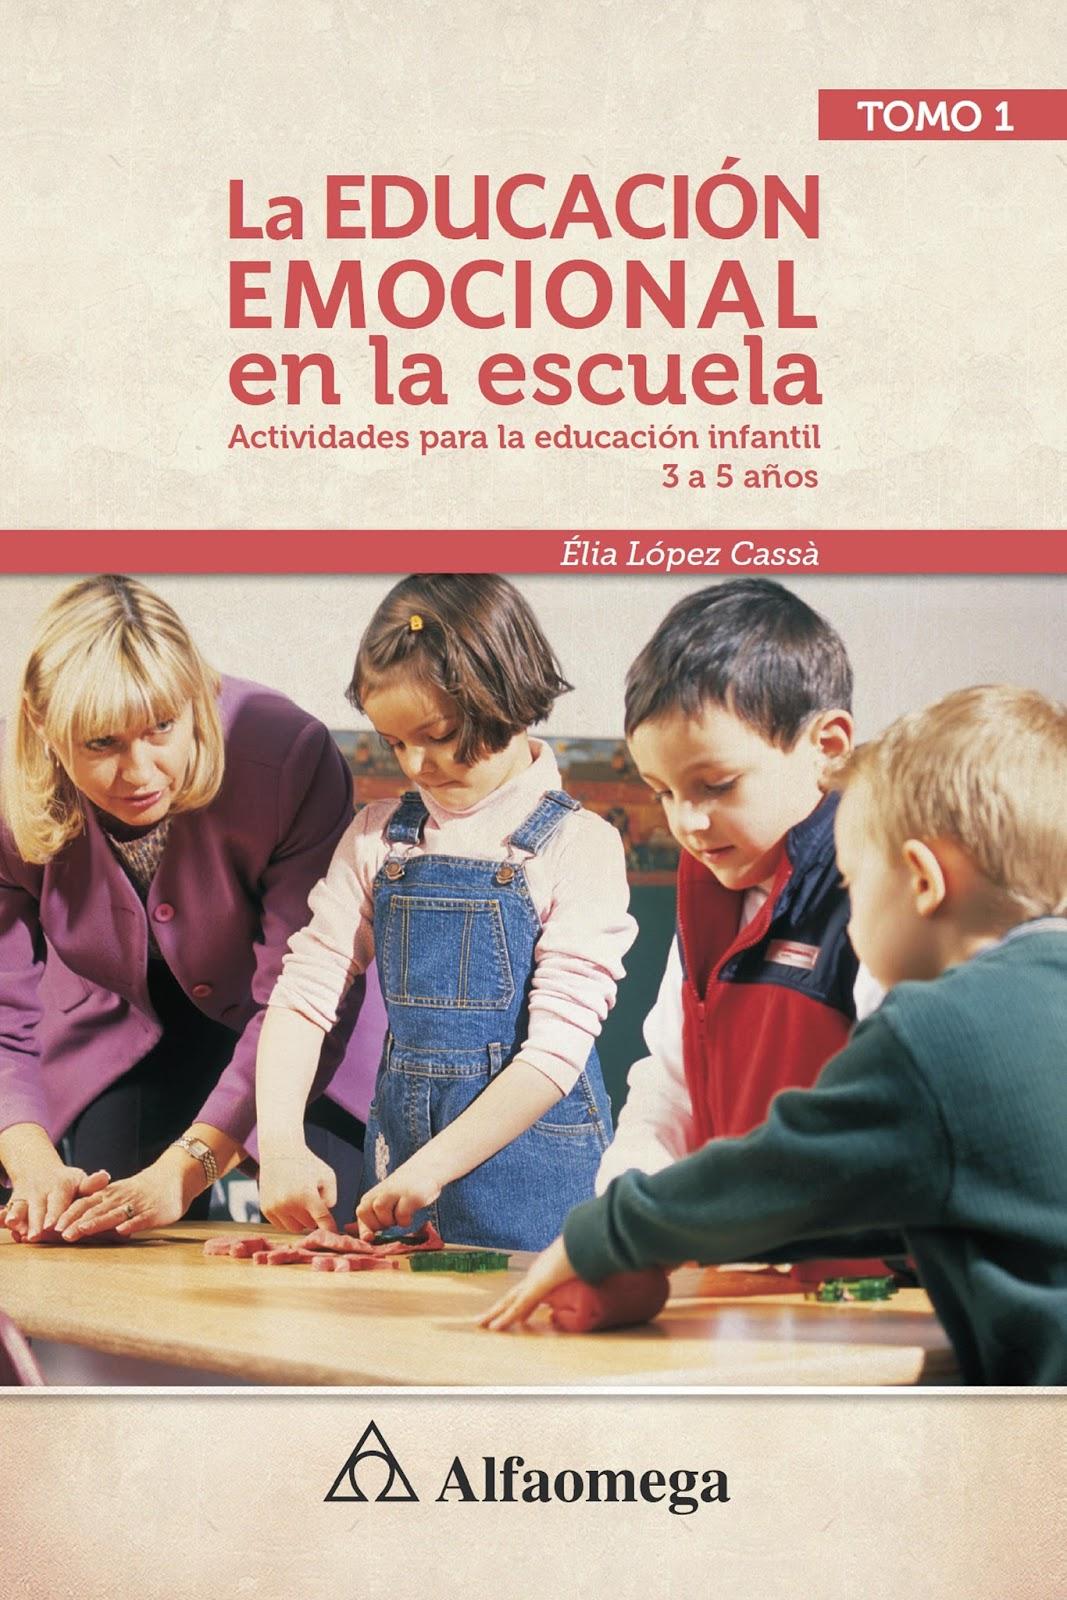 La educación emocional en la escuela: Actividades para la educación infantil (3 a 5 años), Tomo 1 – Élia López Cassà